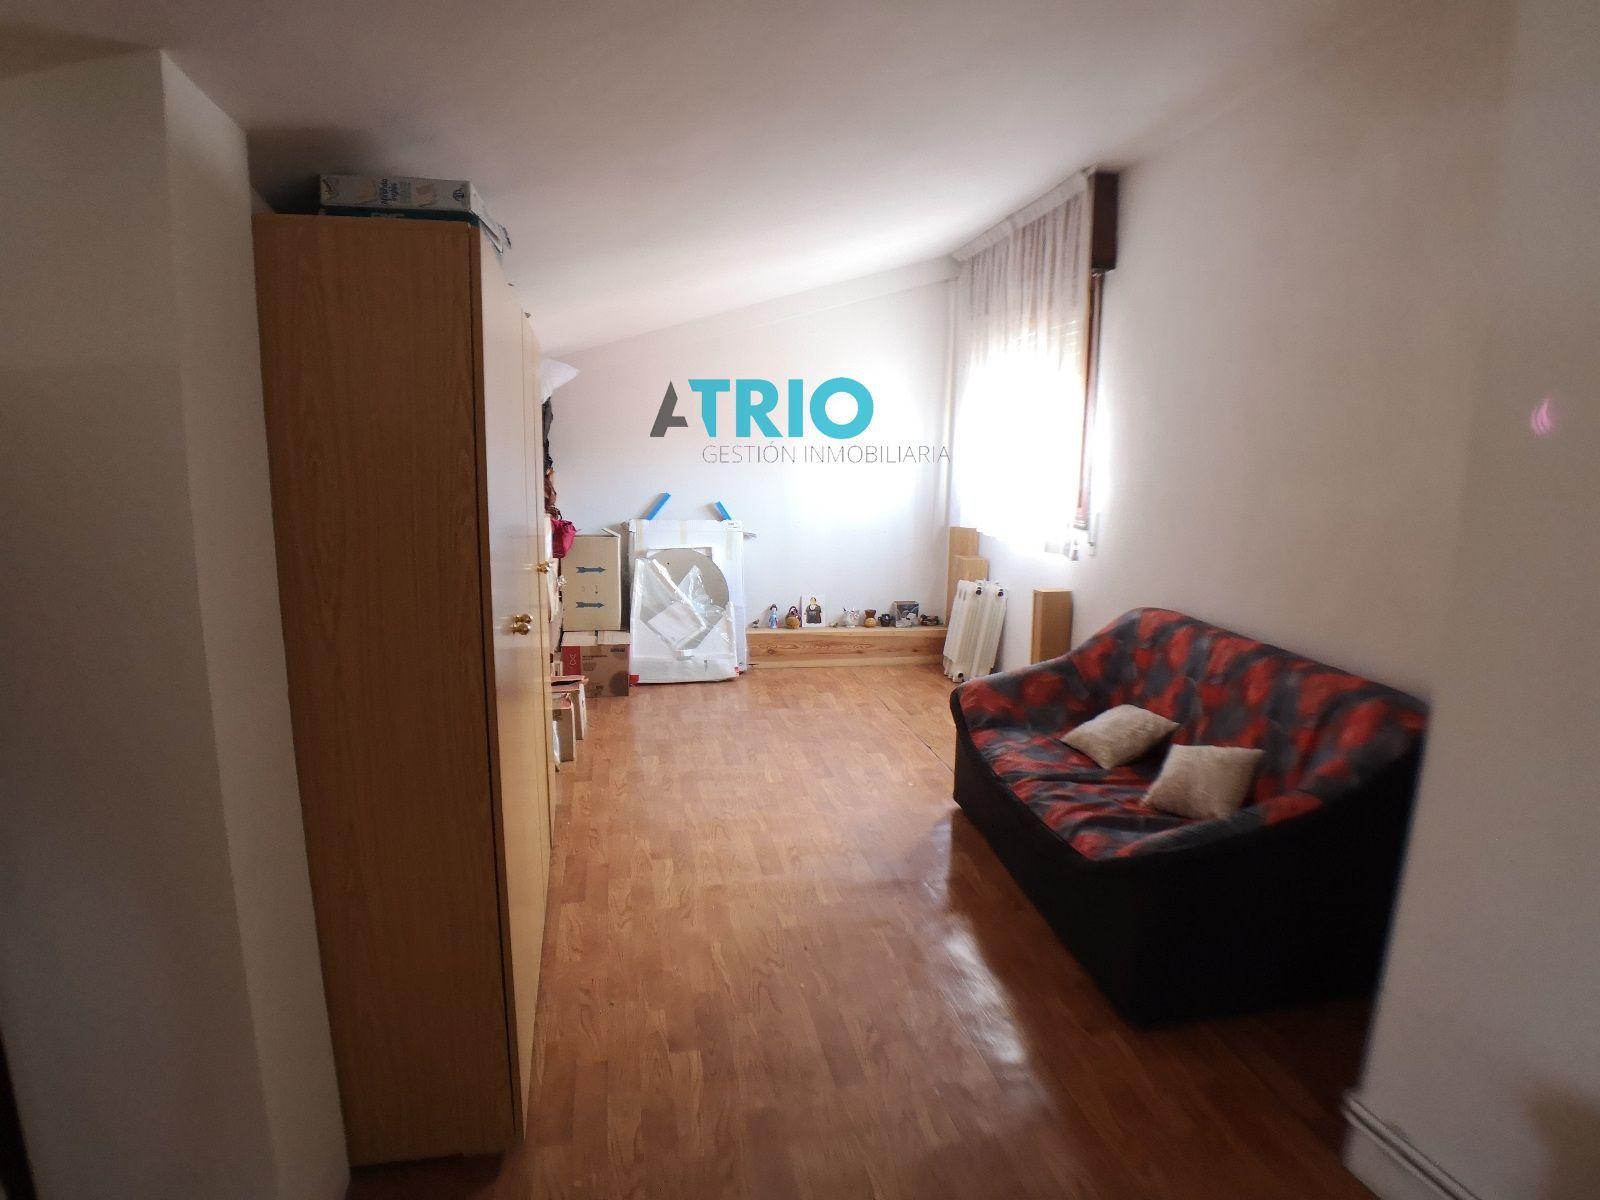 dia.mobiliagestion.es/Portals/inmoatrio/Images/7066/5406533